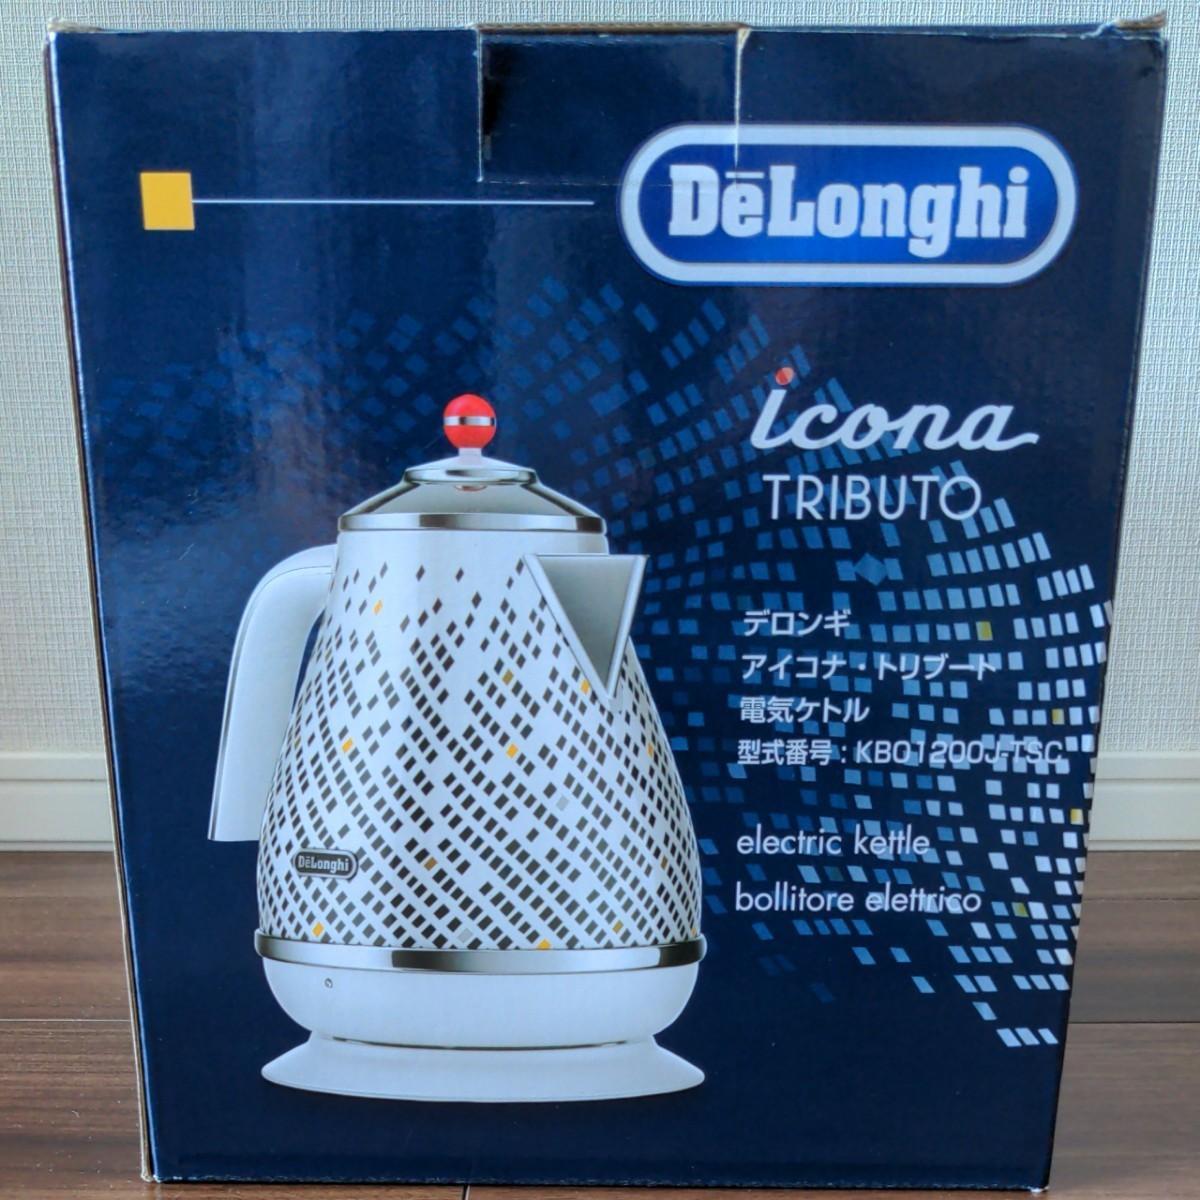 デロンギ 電気ケトル セレニタ  アイ コナ トリブート 1L [新品未使用] DeLonghi